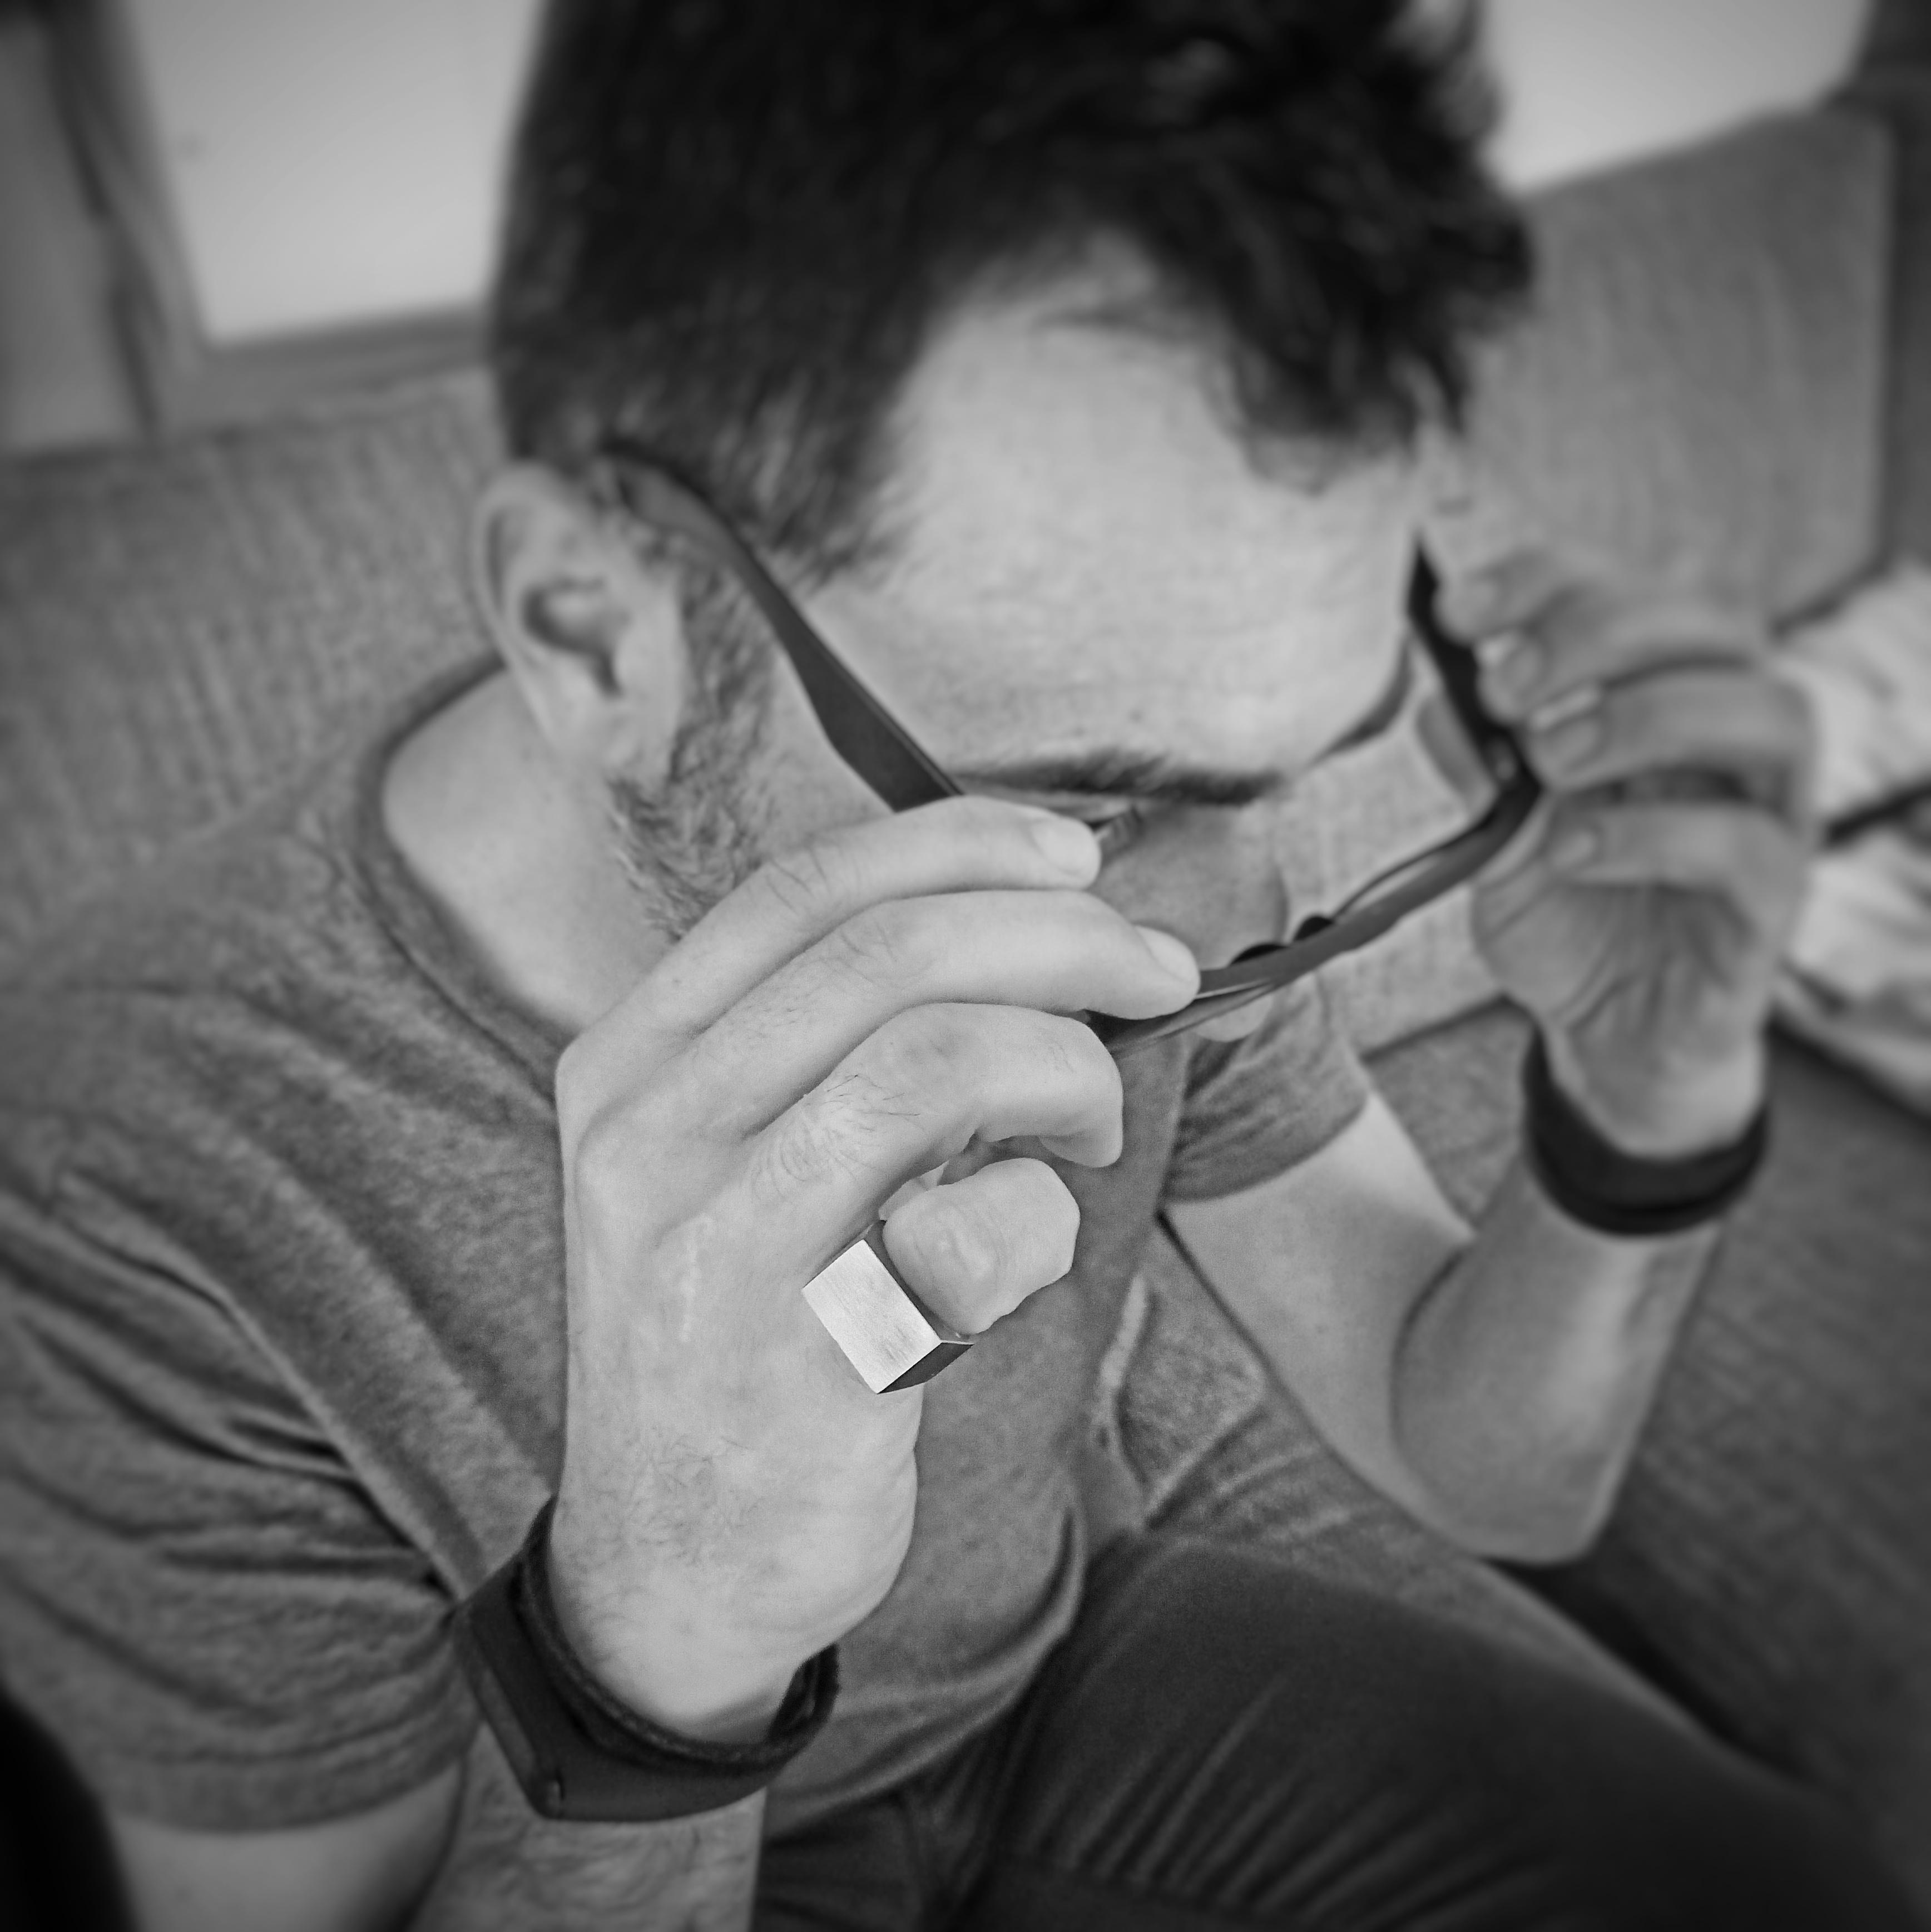 Un uomo si toglie gli occhiali e indossa sulla mano destra un anello Bullone in acciaio